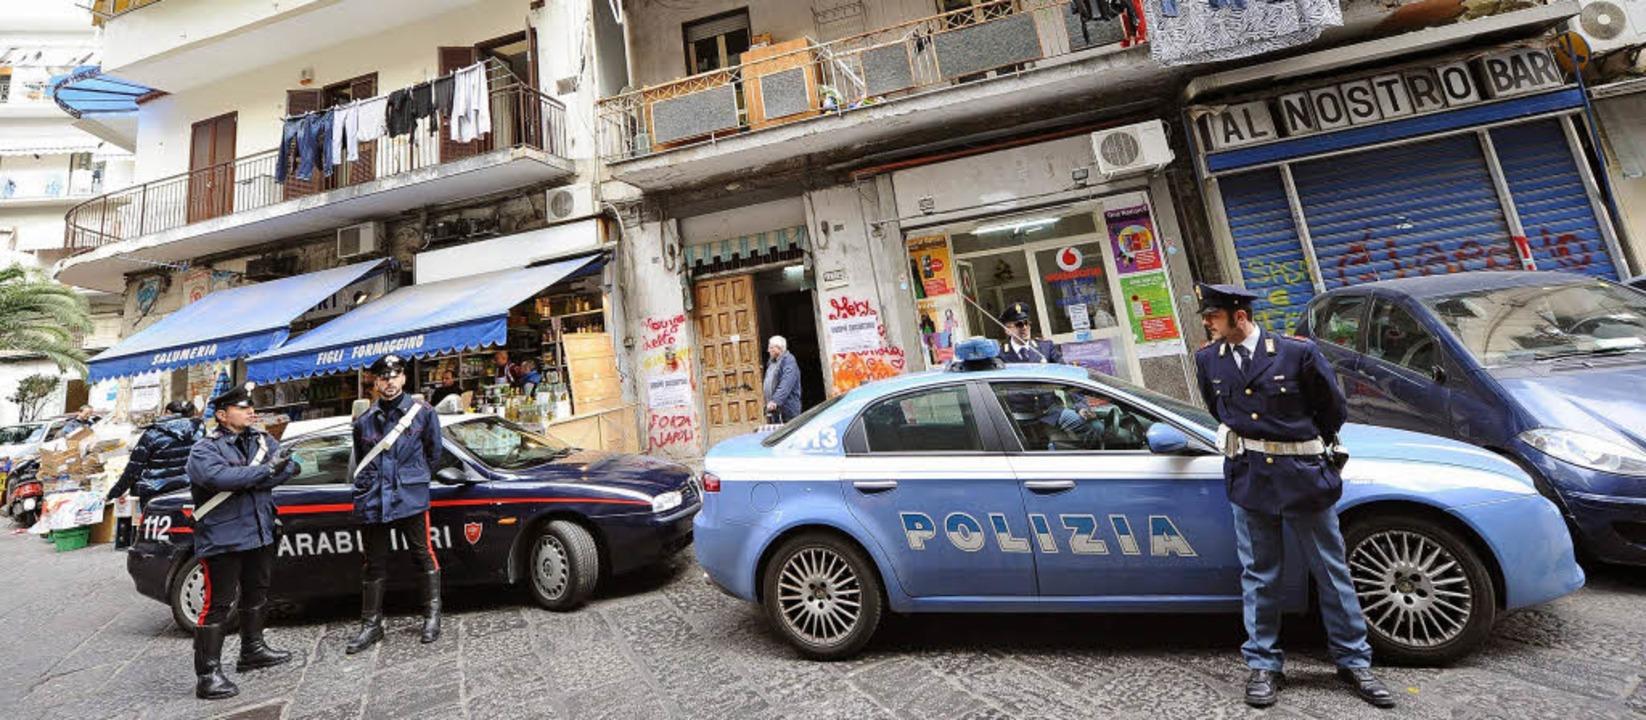 Italienische Polizisten stehen vor dem Haus eines Camorra-Bosses in Neapel.   | Foto: dpa/müller-Meiningen